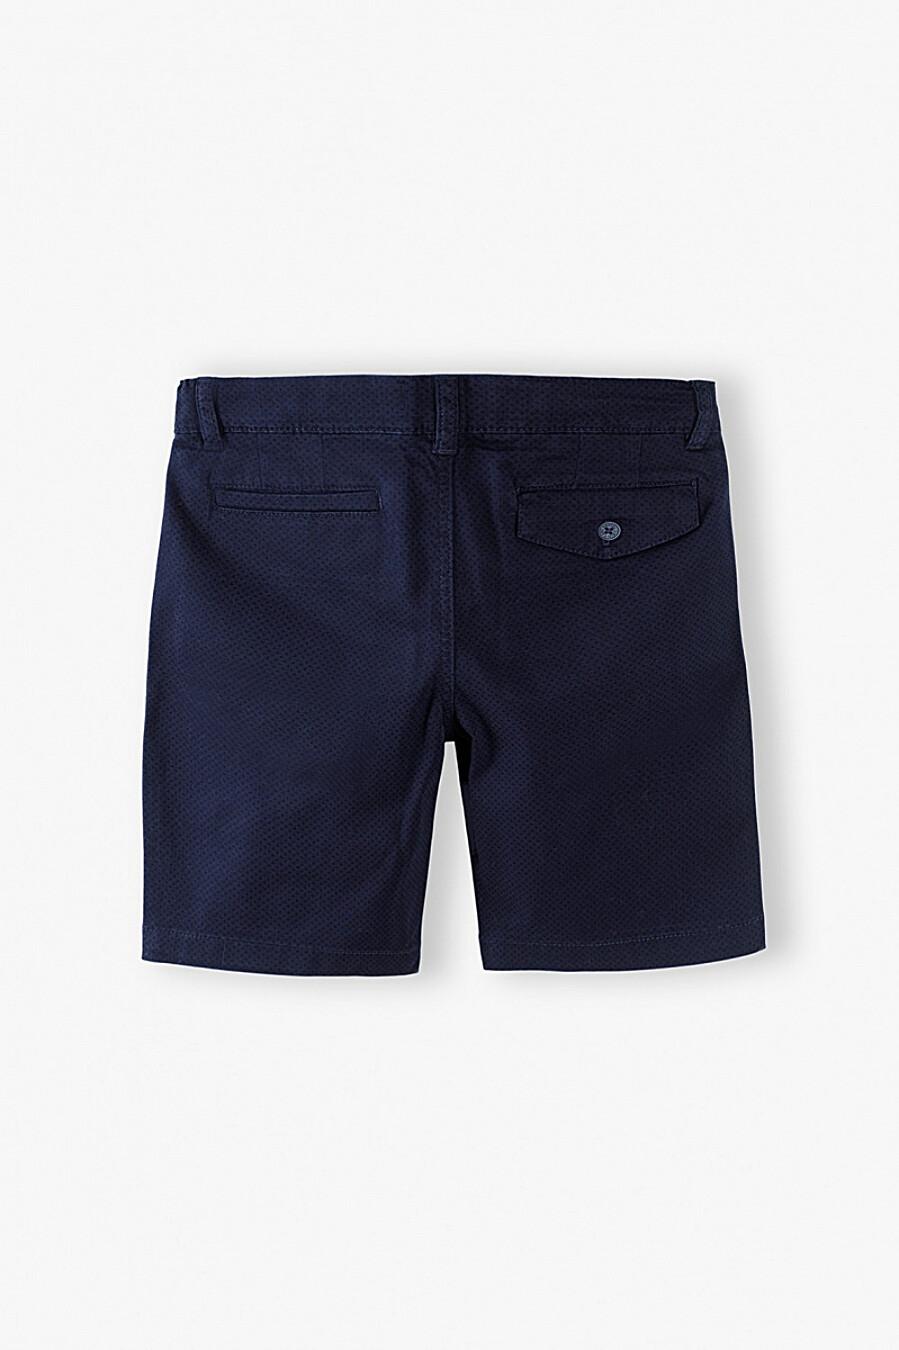 Шорты для мальчиков 5.10.15 668583 купить оптом от производителя. Совместная покупка детской одежды в OptMoyo